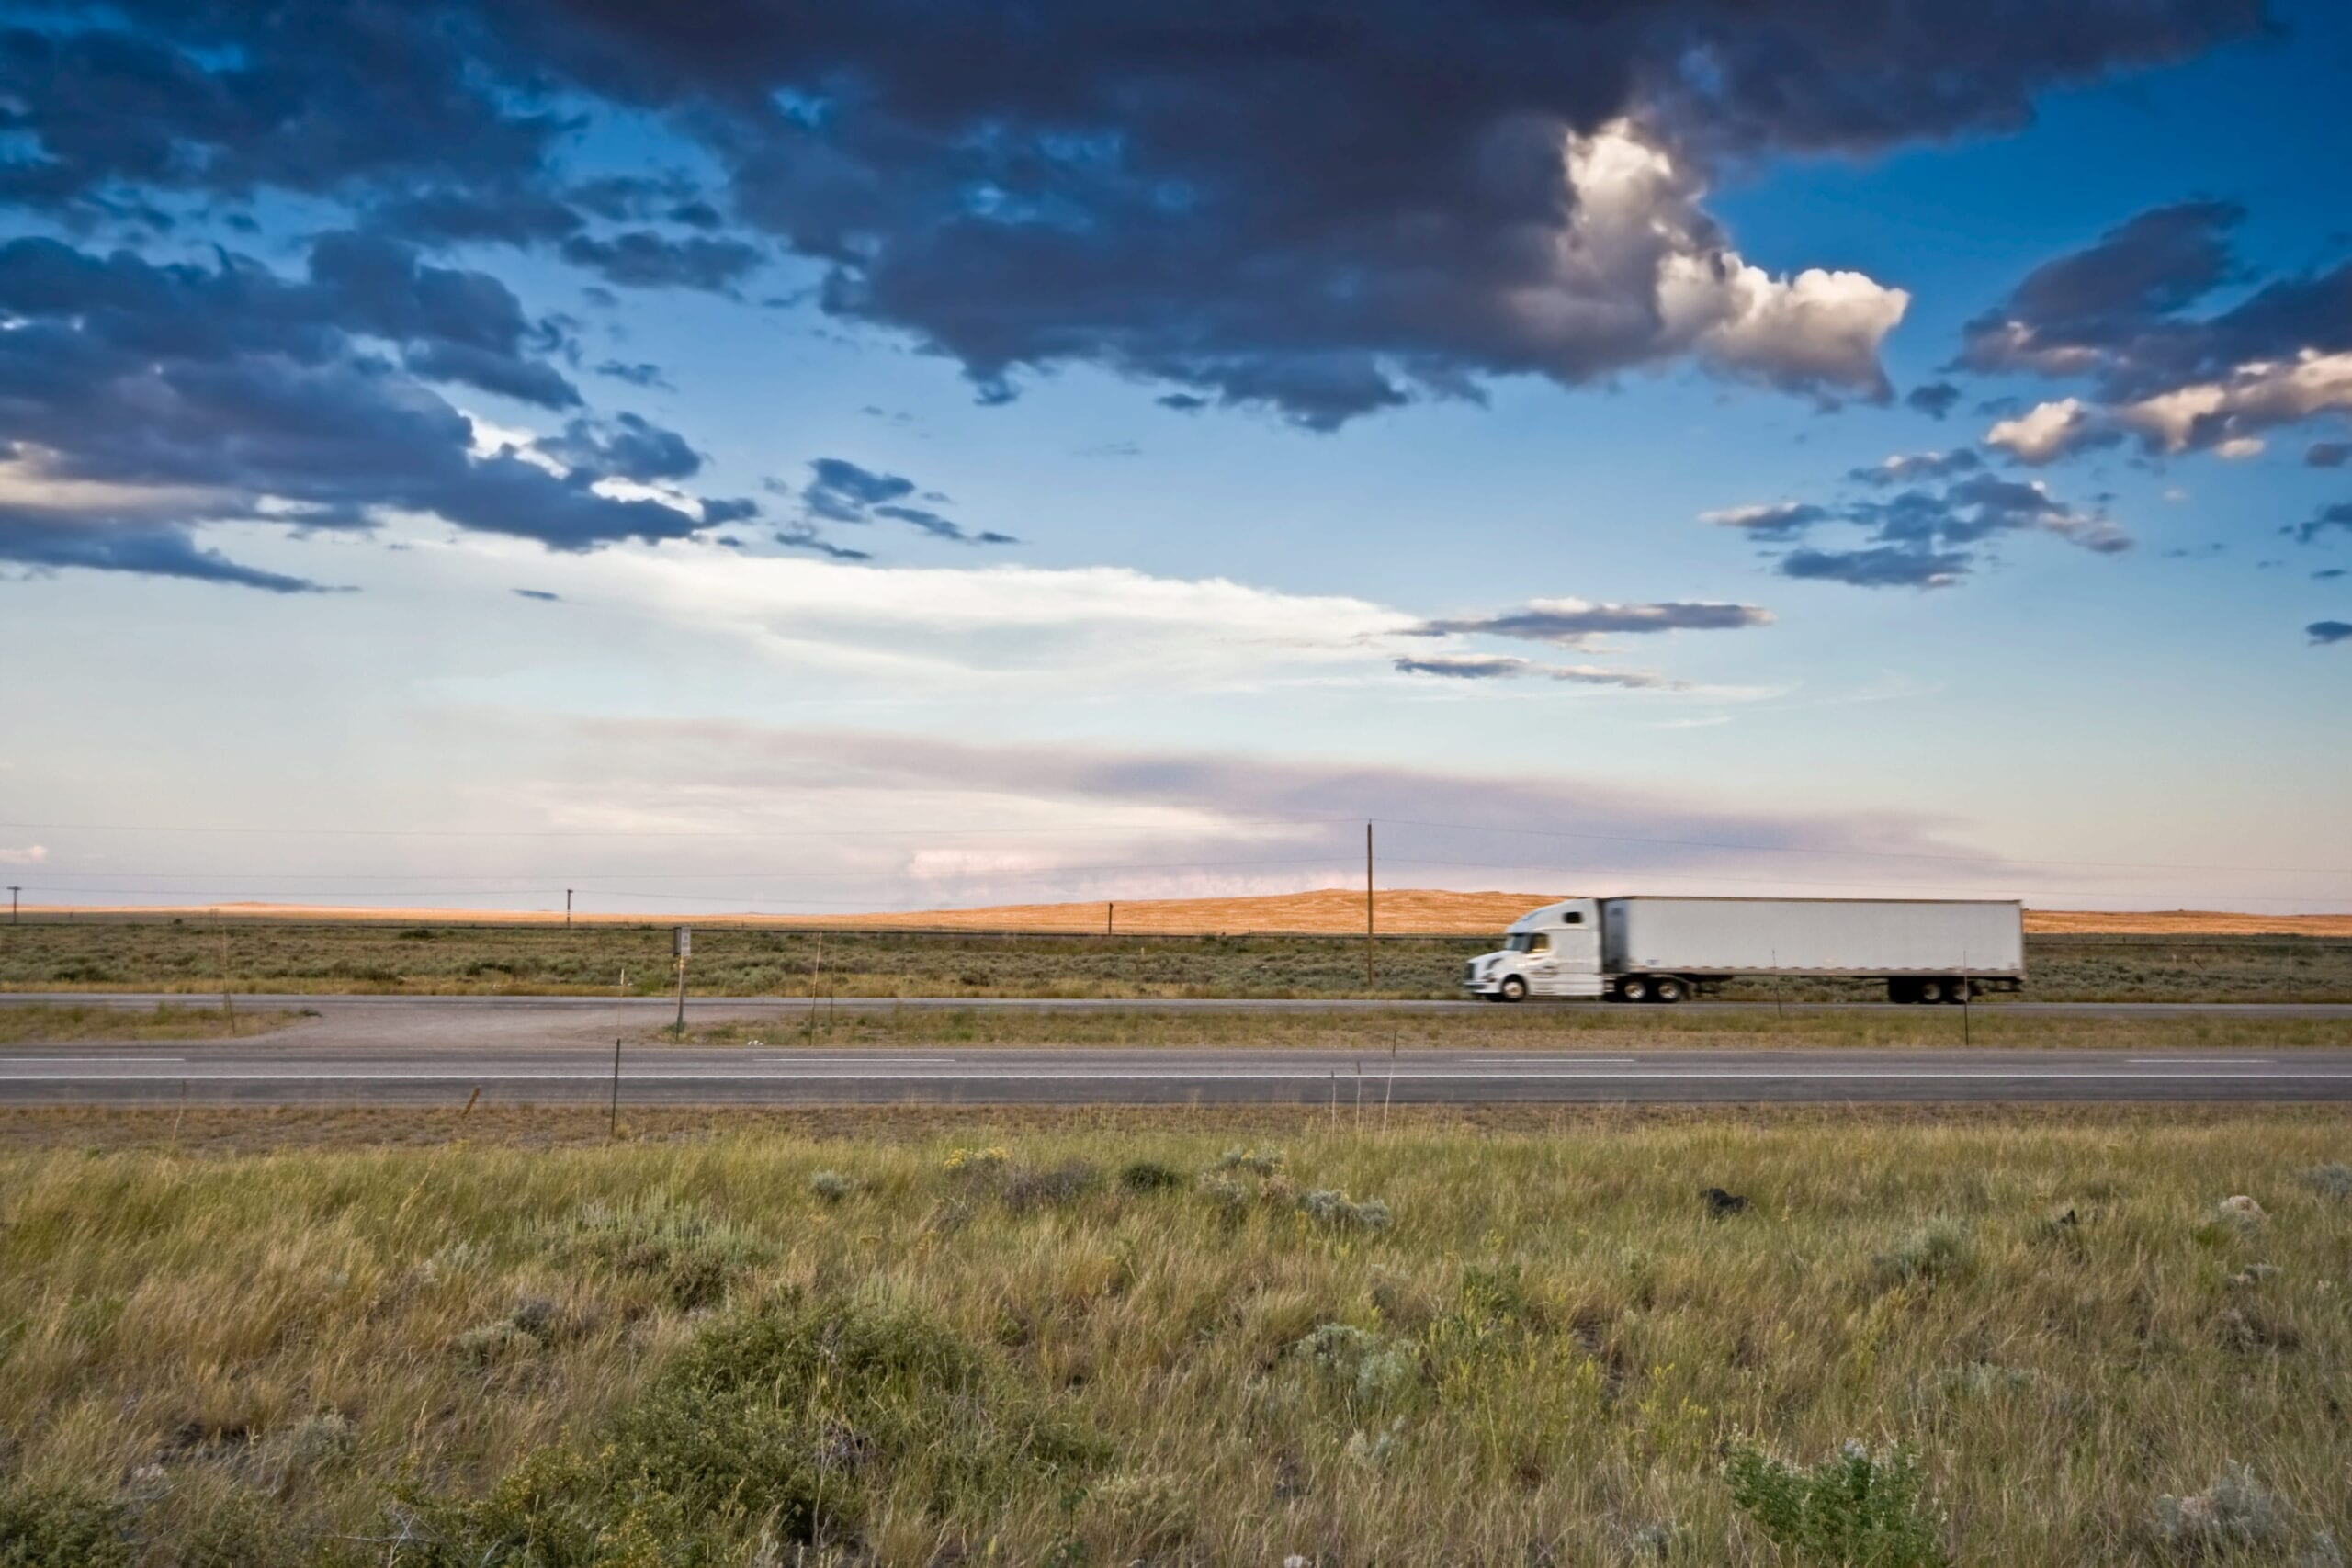 Truck in a field